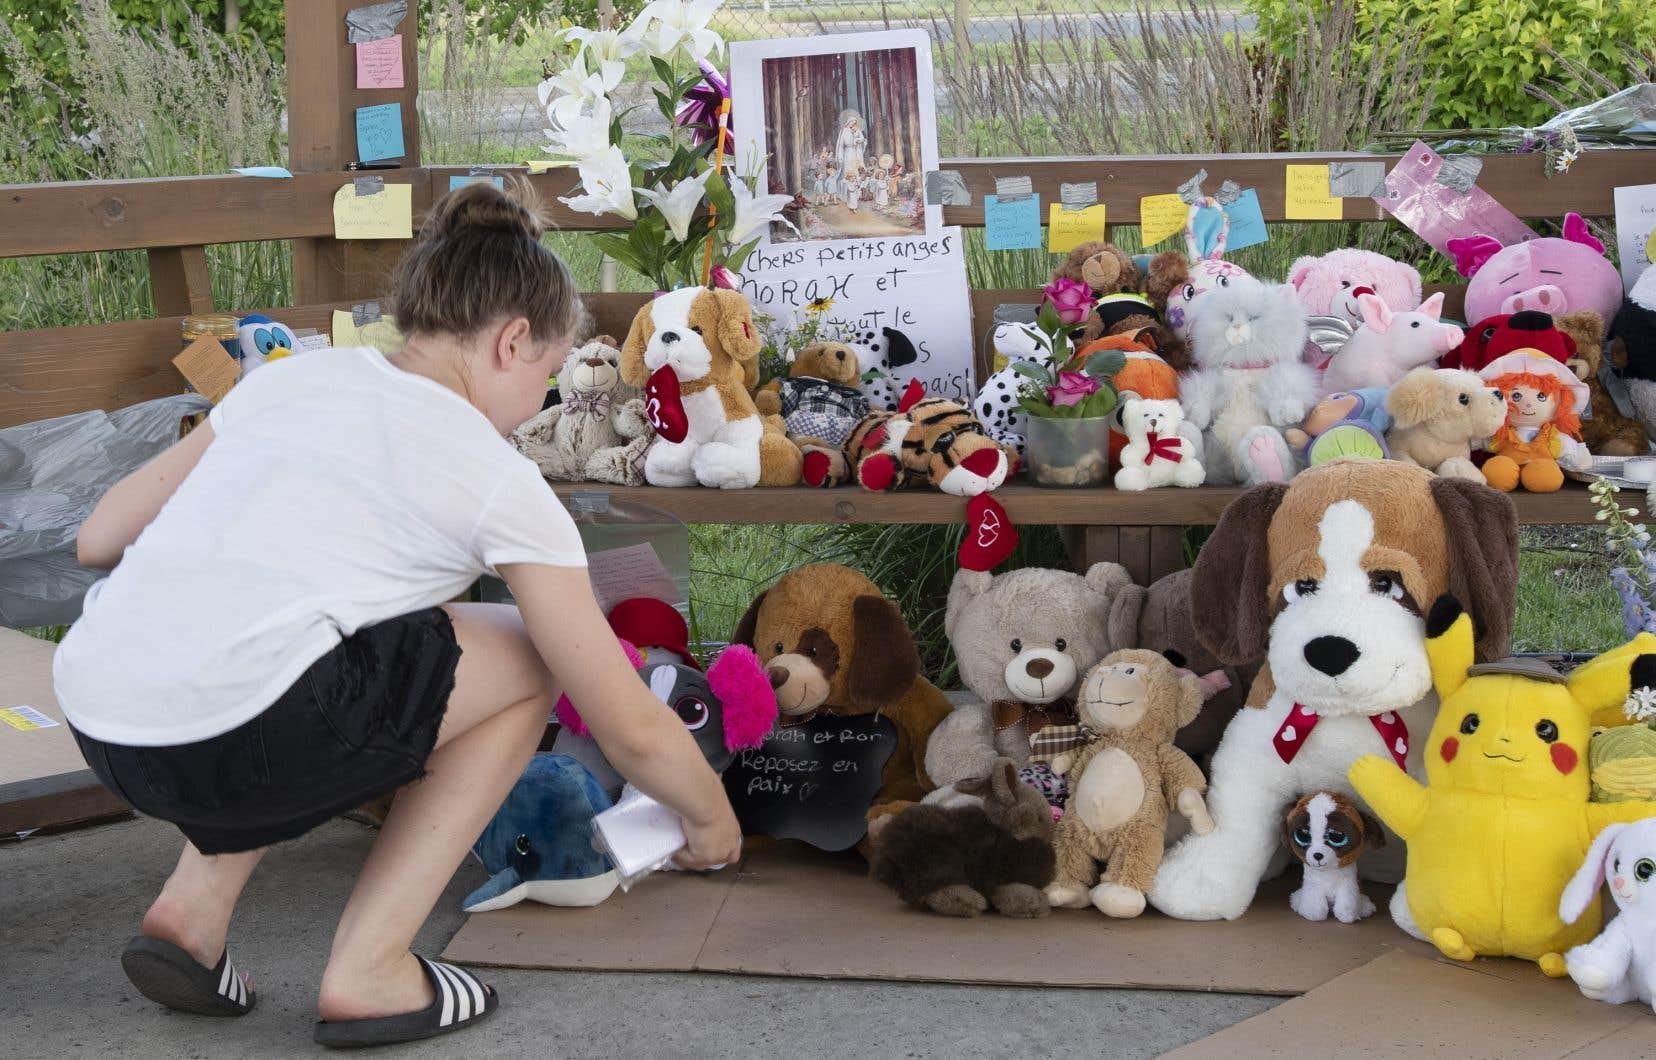 Ces derniers jours,l'Association des familles de personnes assassinées ou disparues (AFPAD)a reçu de nombreux appels de parents en détresse.